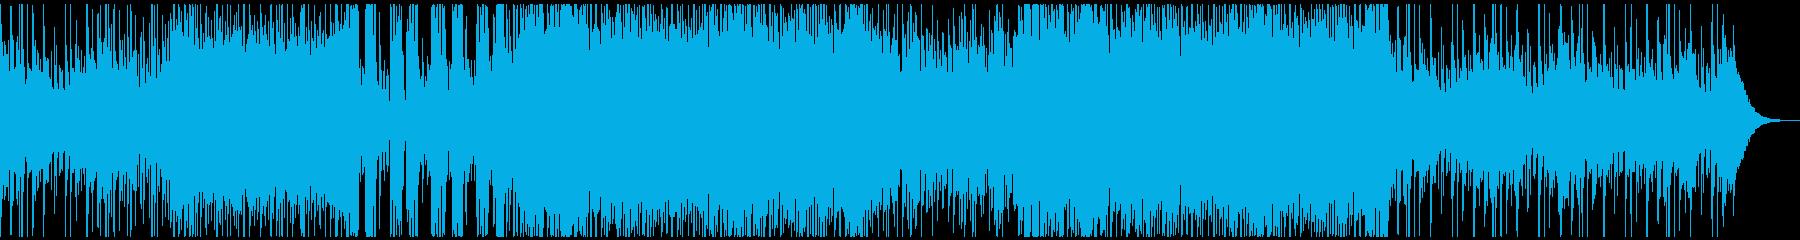 琴とシンセサウンドが融合したクールBGMの再生済みの波形